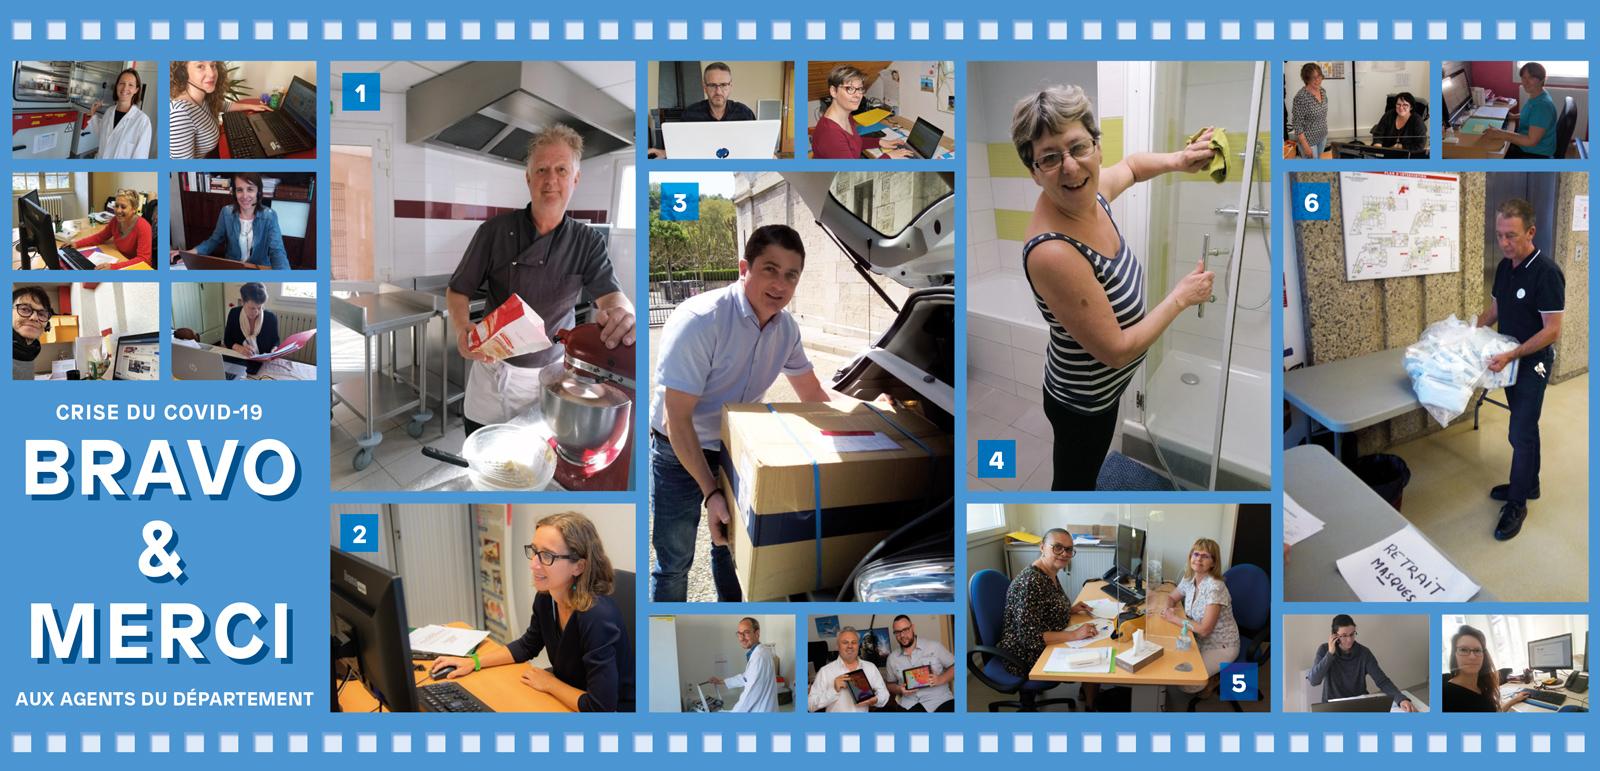 Patchwork de photos d'une sélection d'agents mobilisés face à la crise du coronavirus